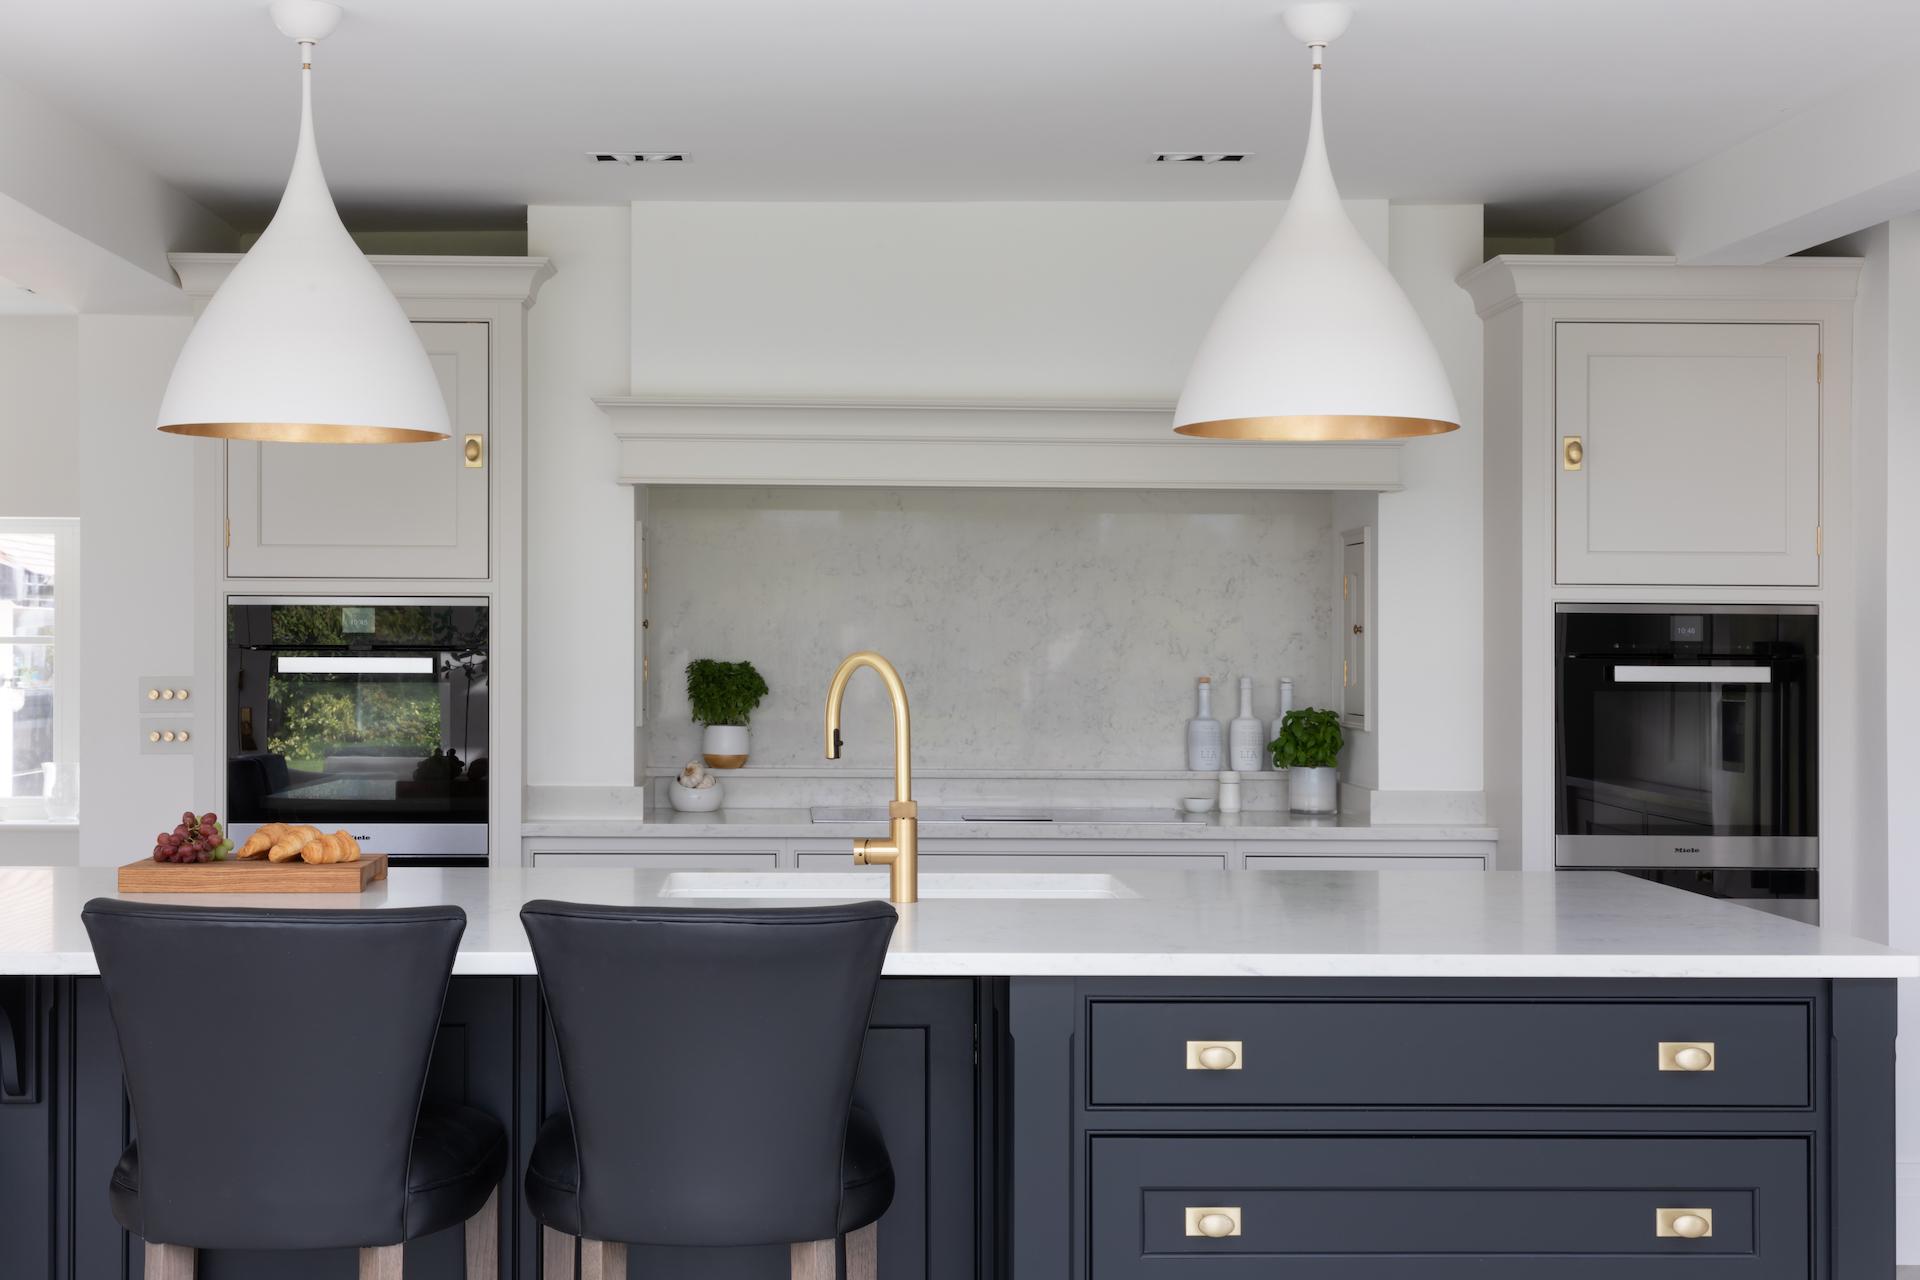 LuxDeco Kitchen Lighting - Humphrey Munson